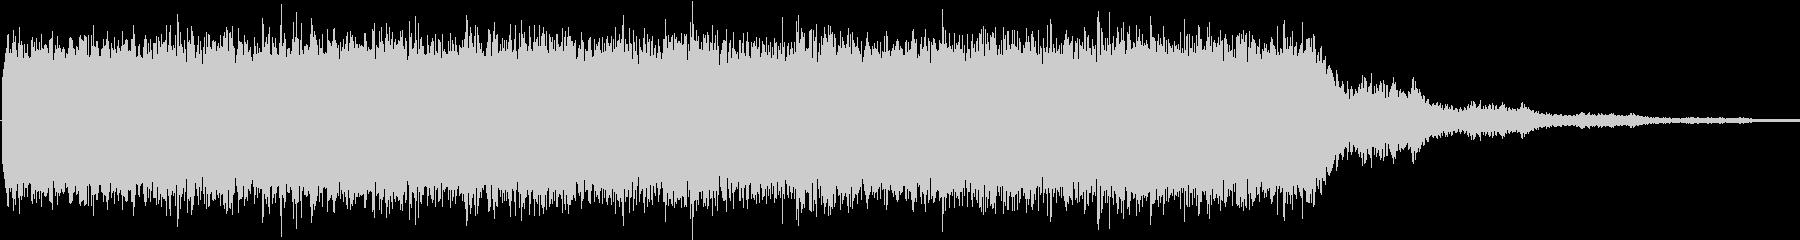 ドローン 産業03の未再生の波形